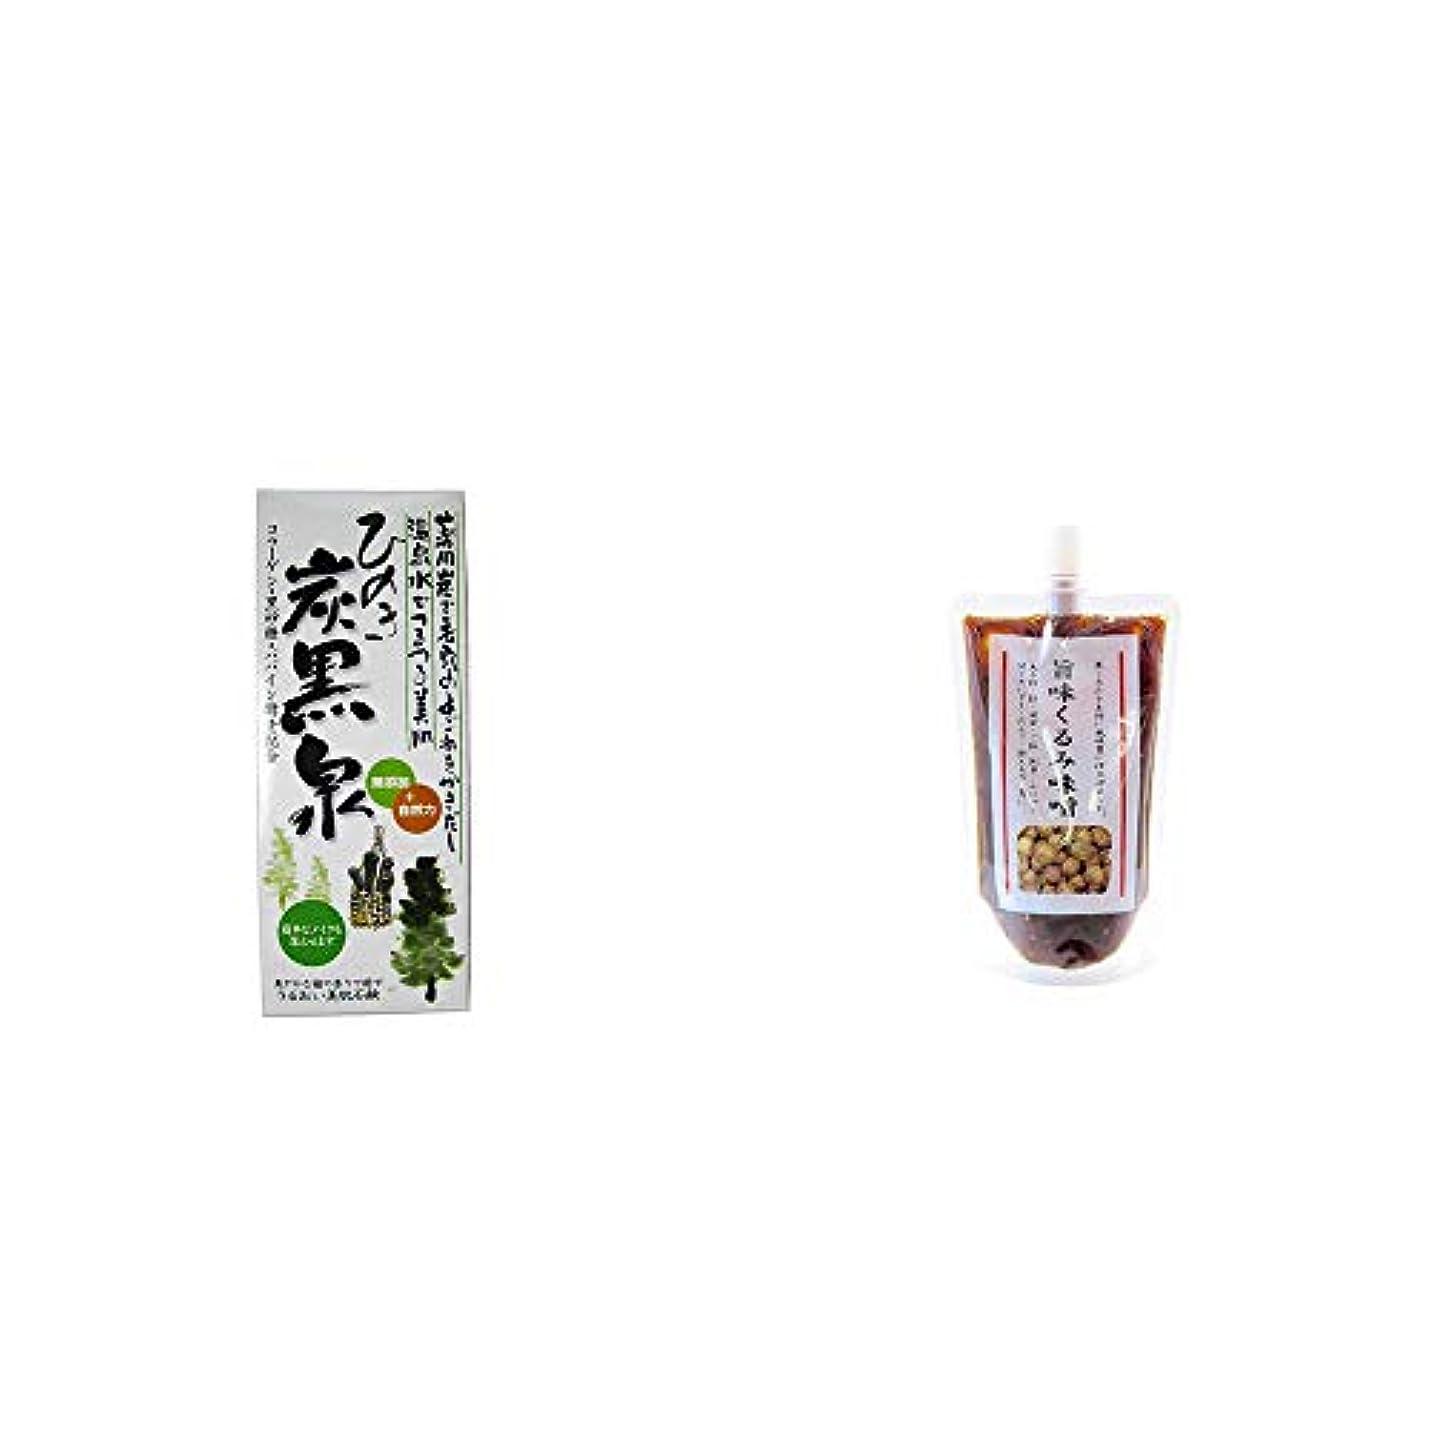 リフレッシュ読者更新[2点セット] ひのき炭黒泉 箱入り(75g×3)?旨味くるみ味噌(260g)